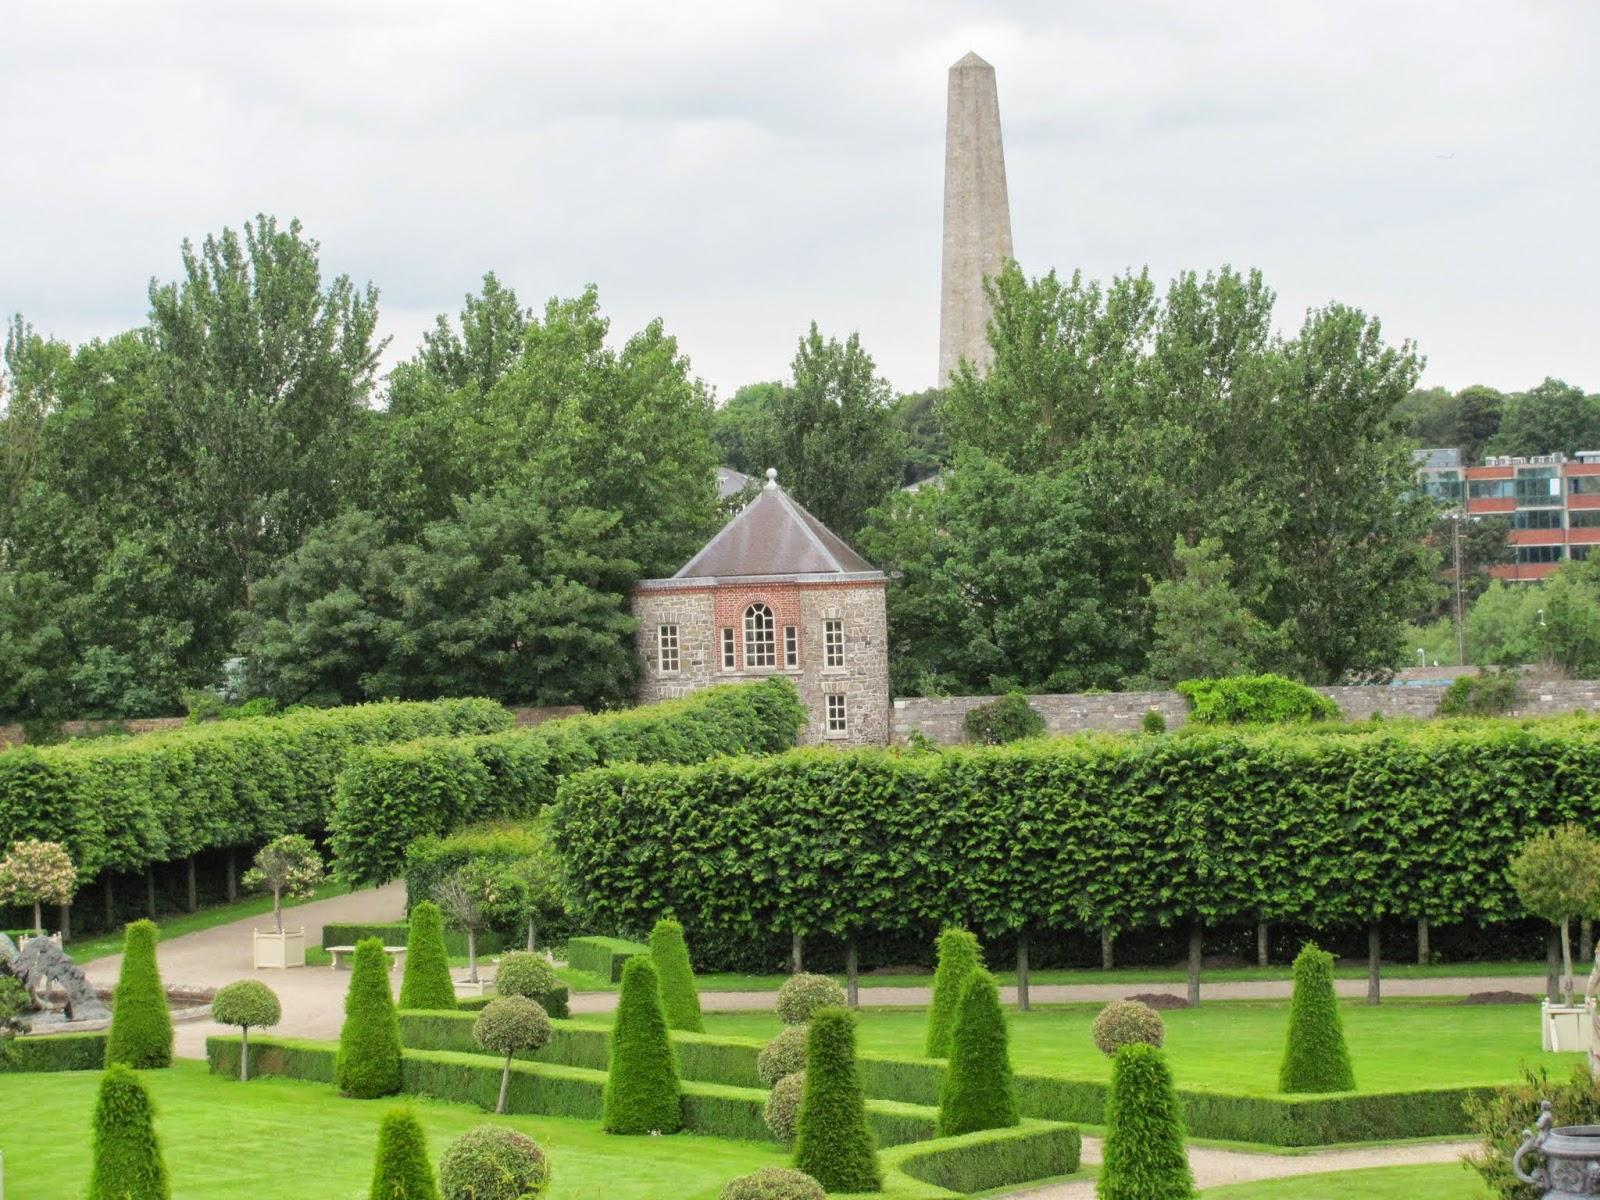 Royal Hospital Kilmainham Gardens Dublin, Ireland